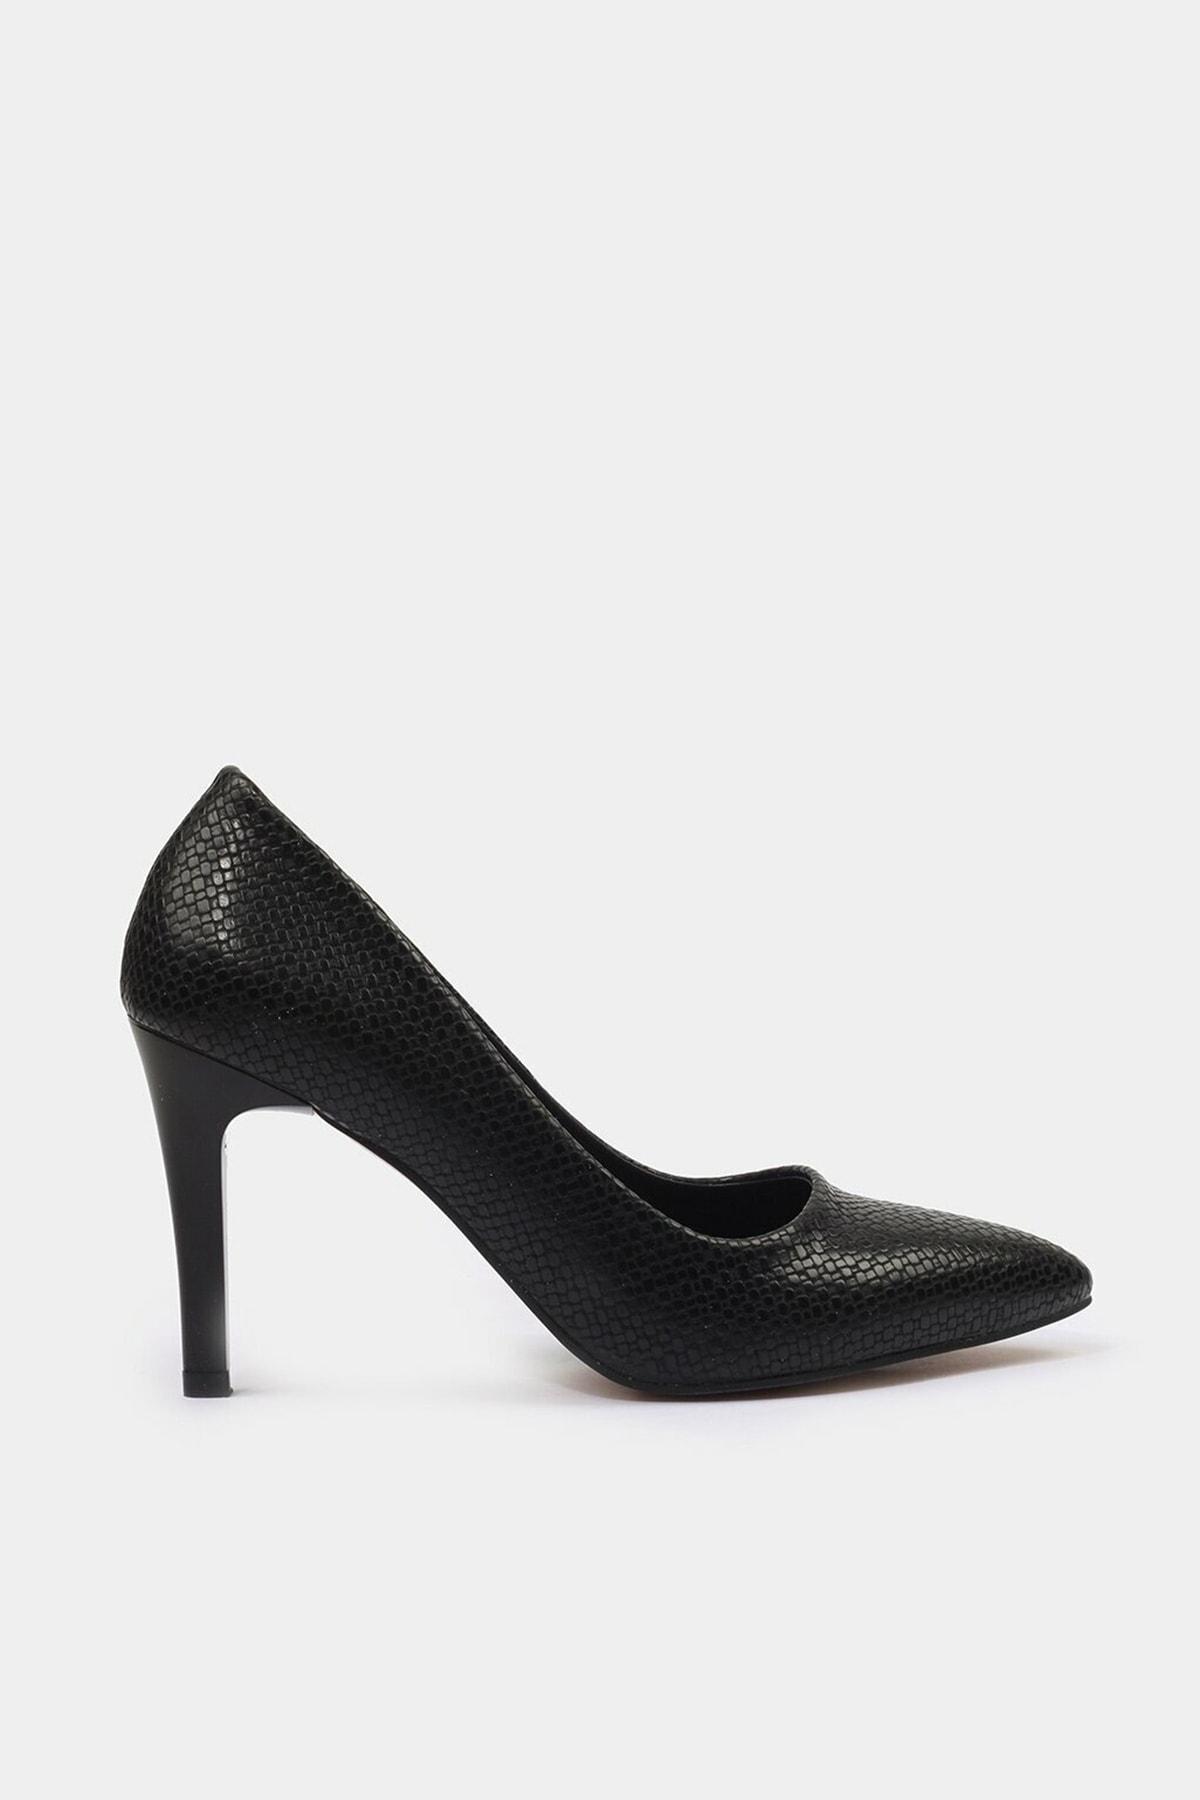 Hotiç Siyah Yaya Kadın Topuklu Ayakkabı 1